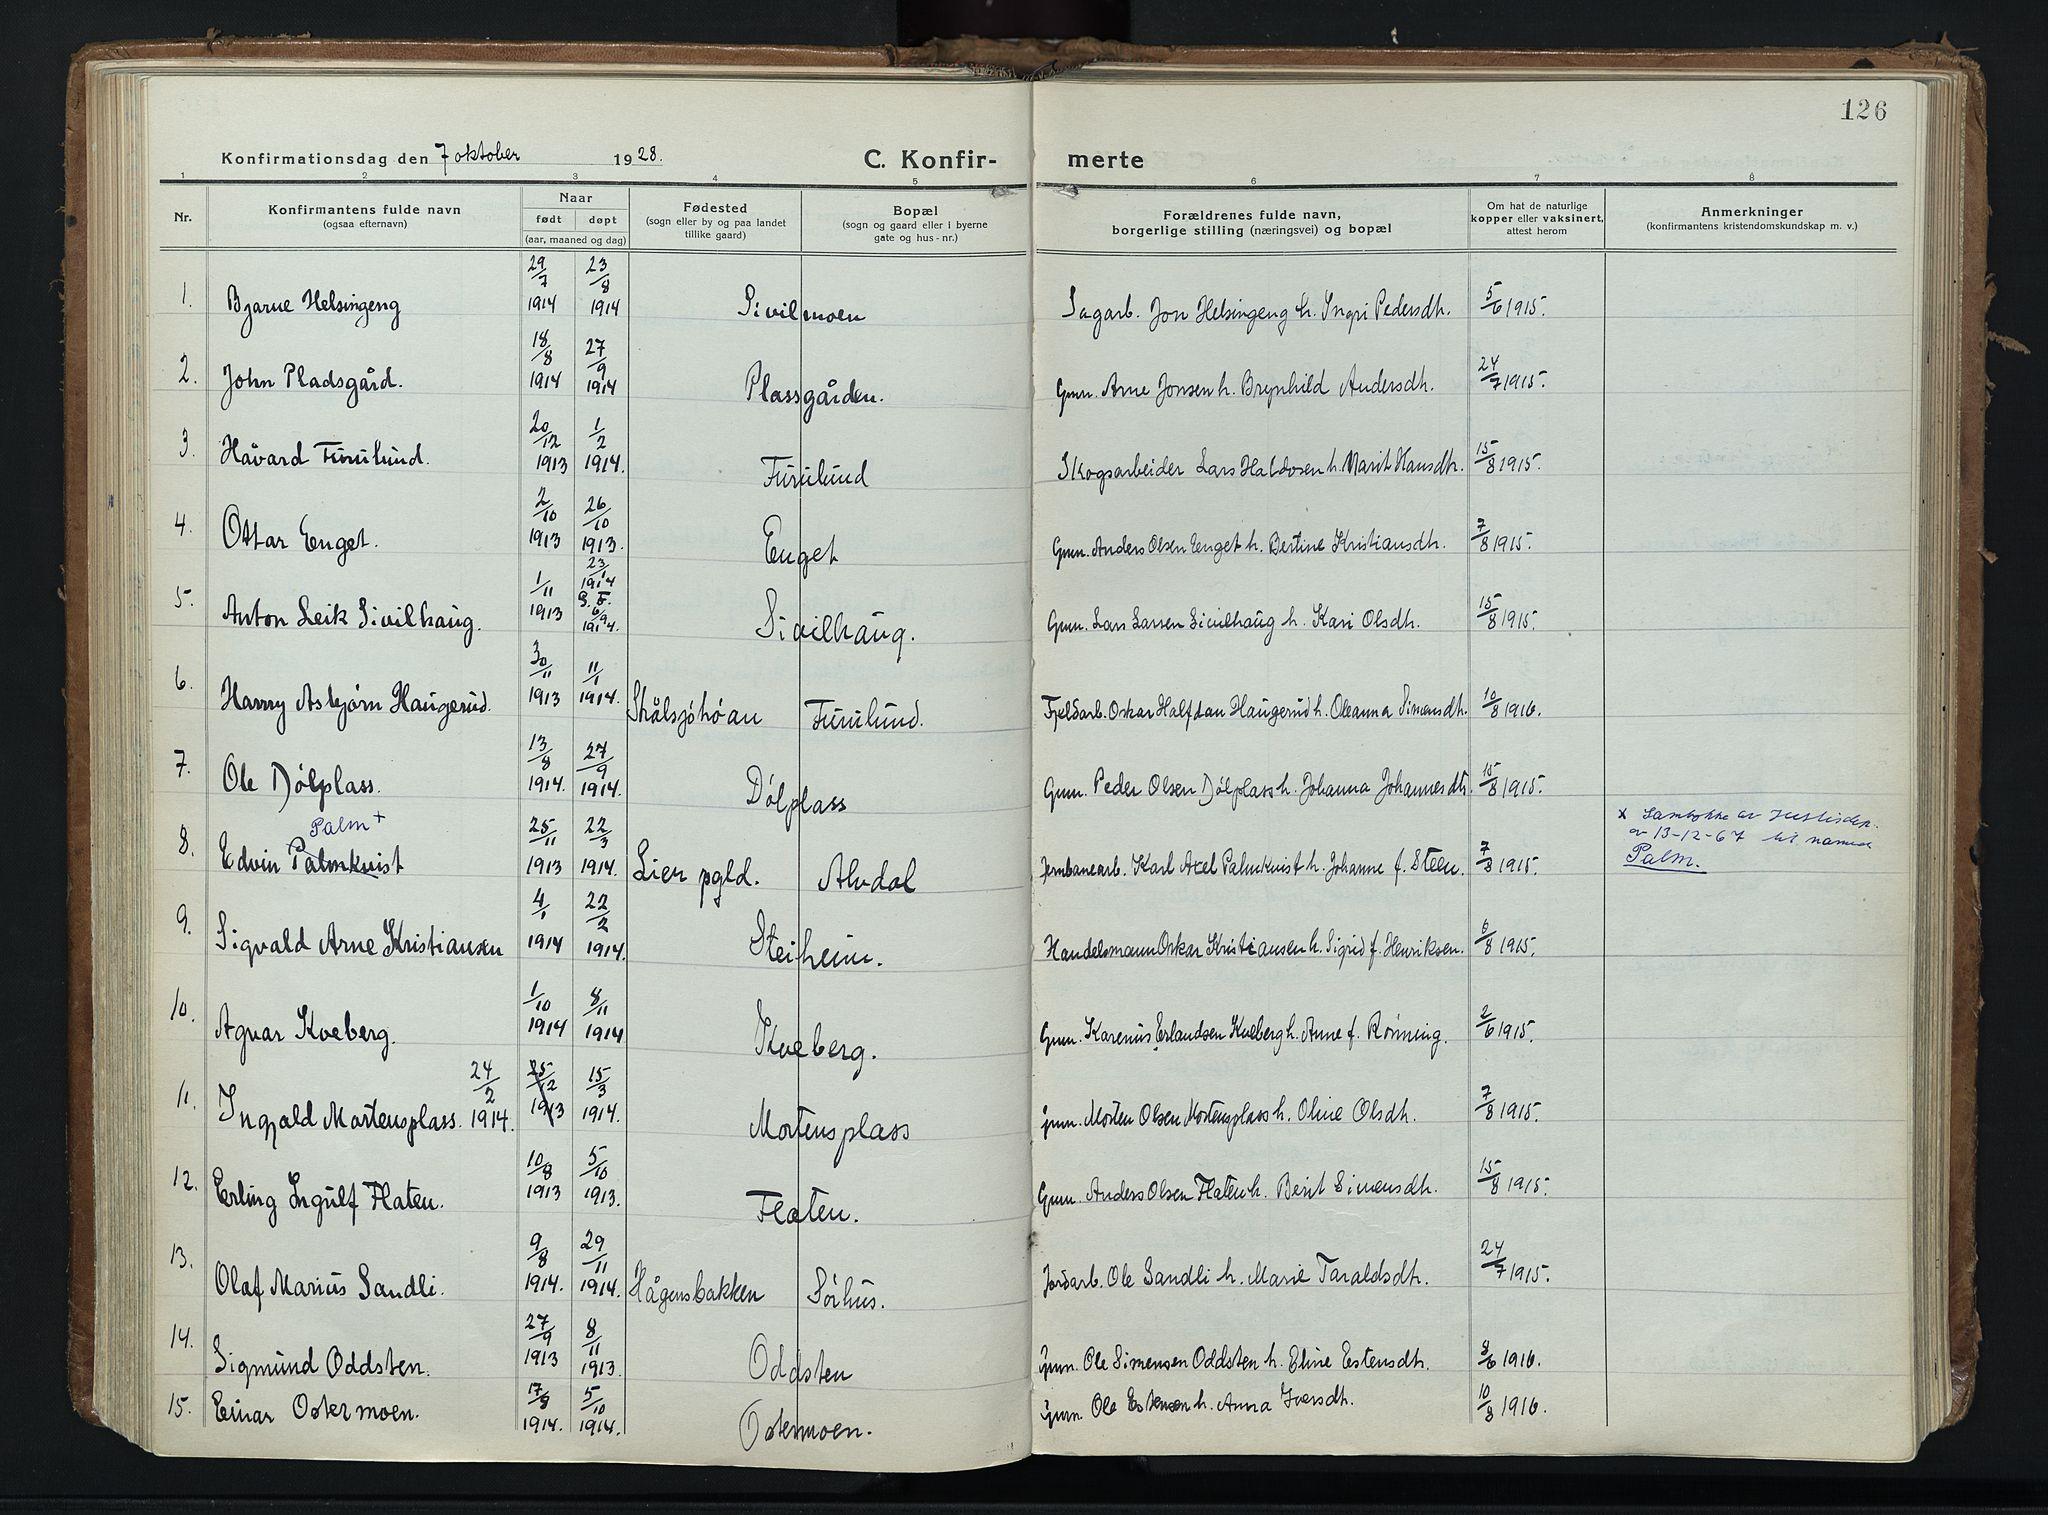 SAH, Alvdal prestekontor, Ministerialbok nr. 6, 1920-1937, s. 126